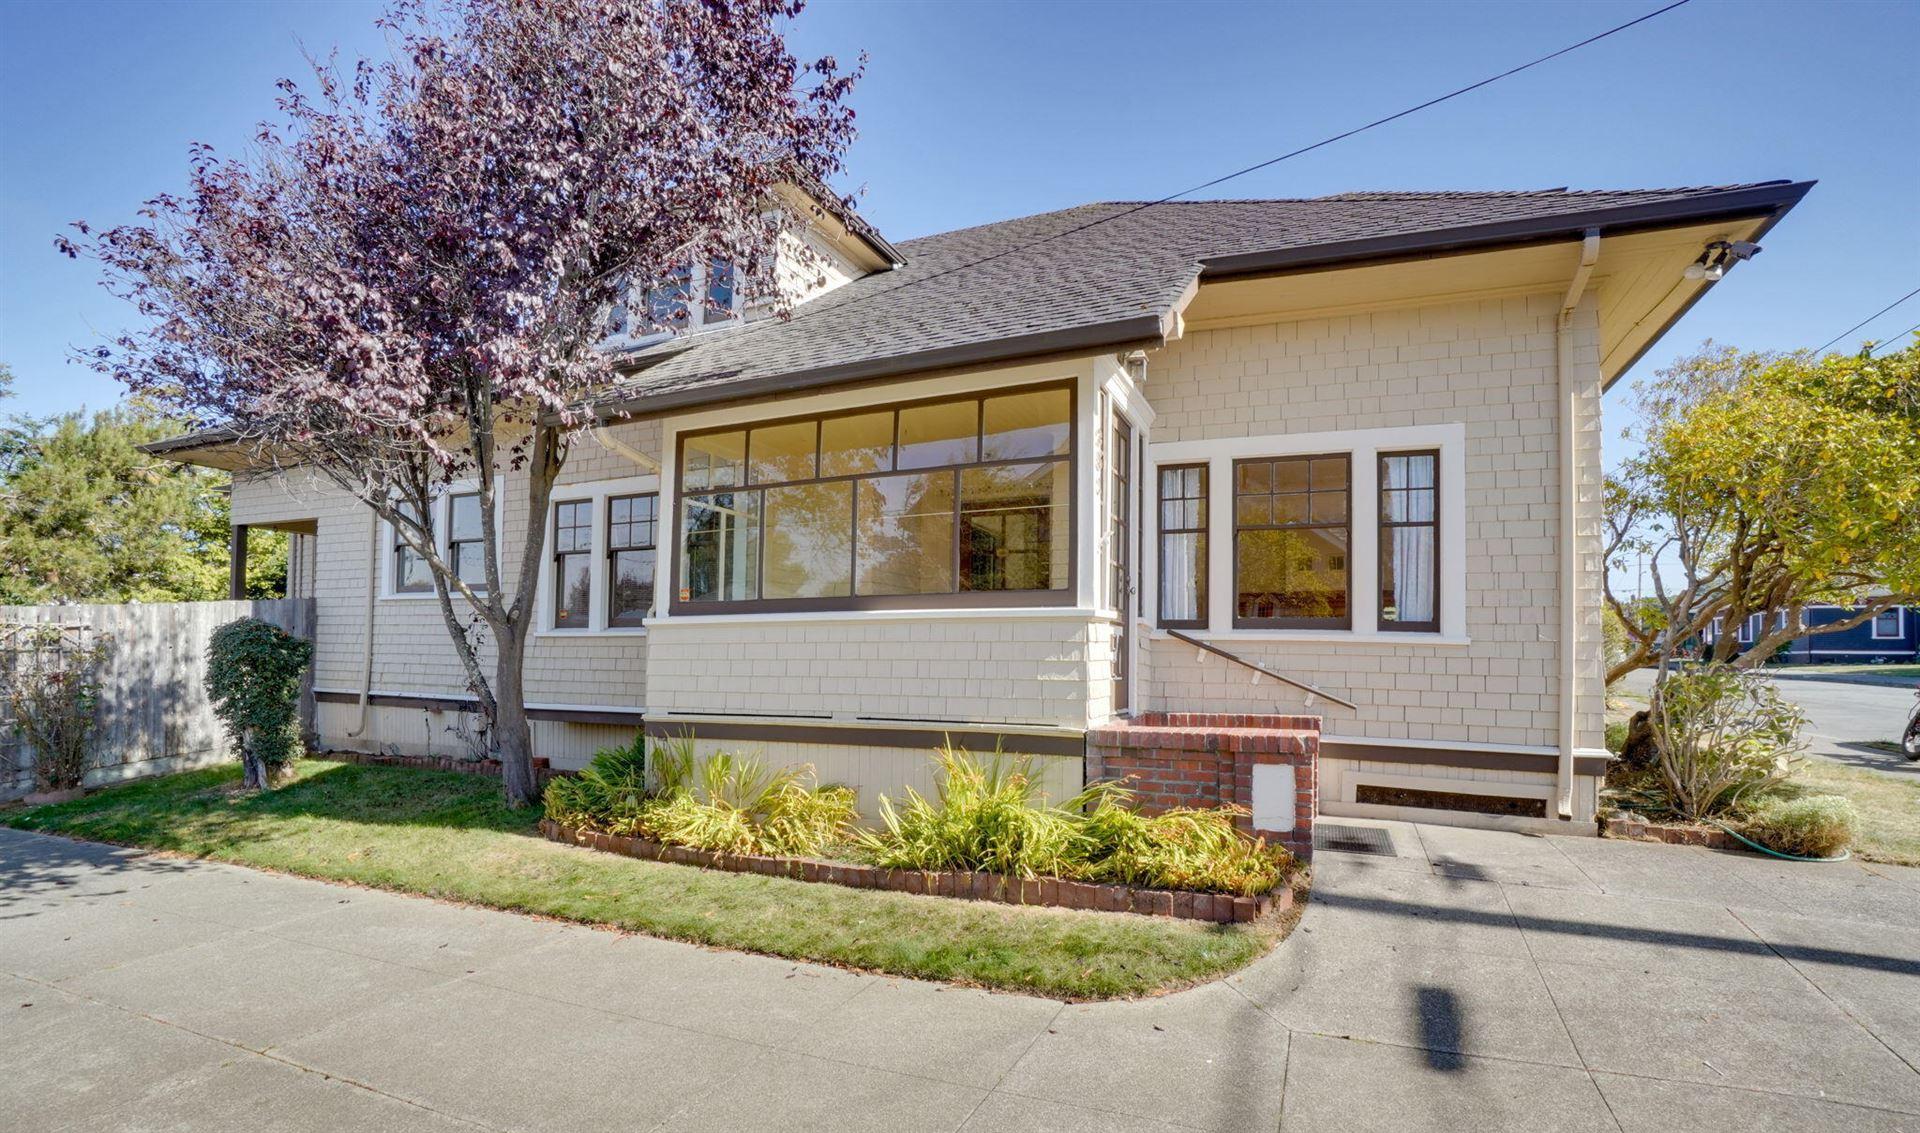 251 15th Street, Eureka, CA 95501 - MLS#: 260360